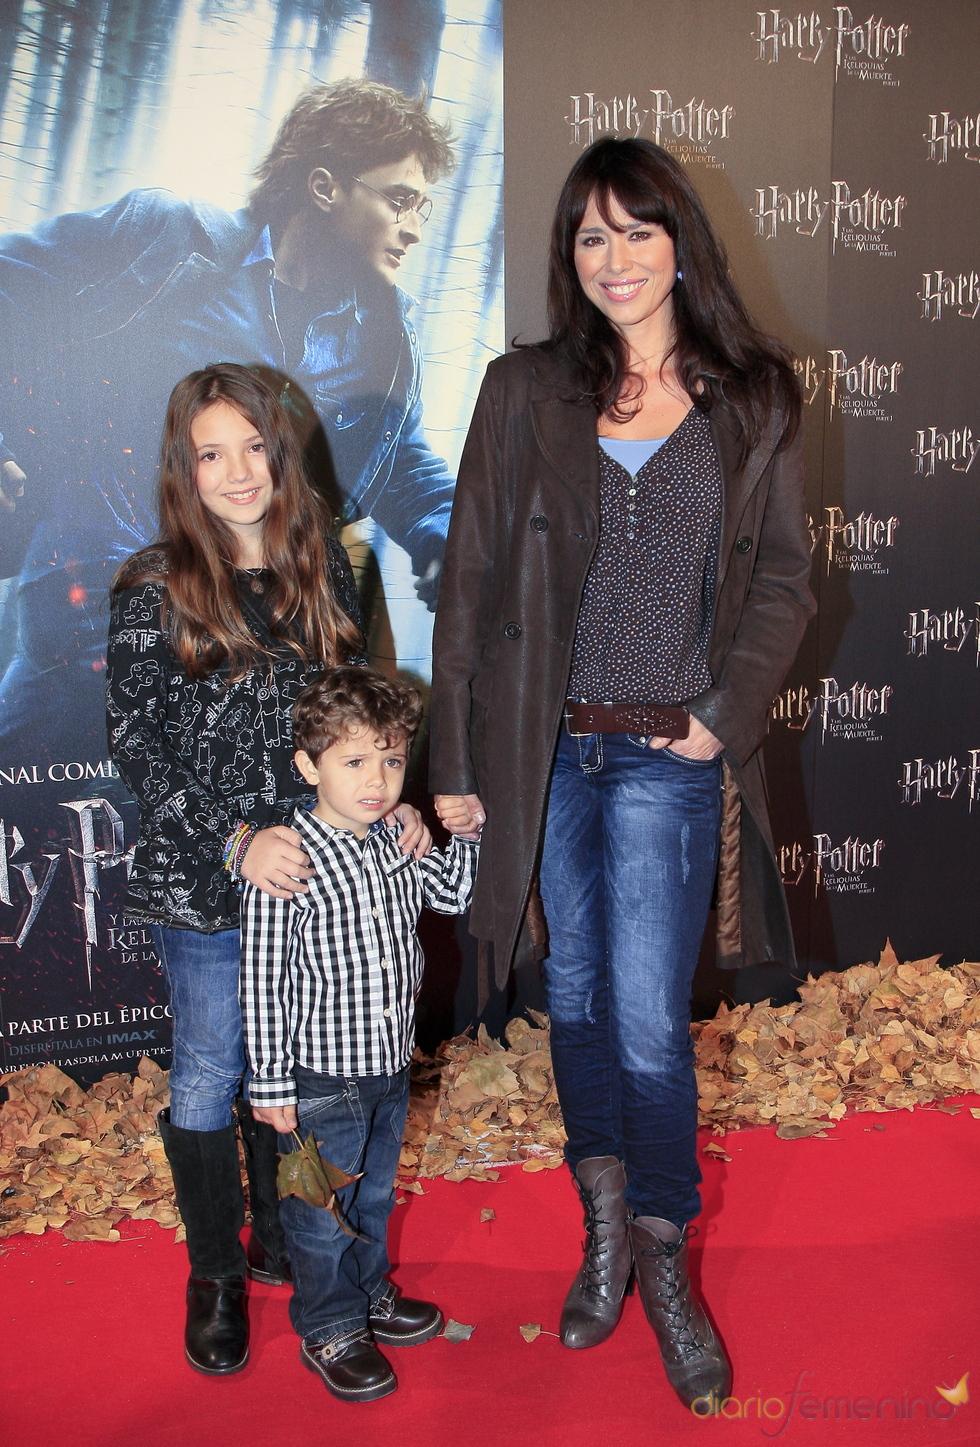 Minerva Piquero y su familia, fans de Harry Potter